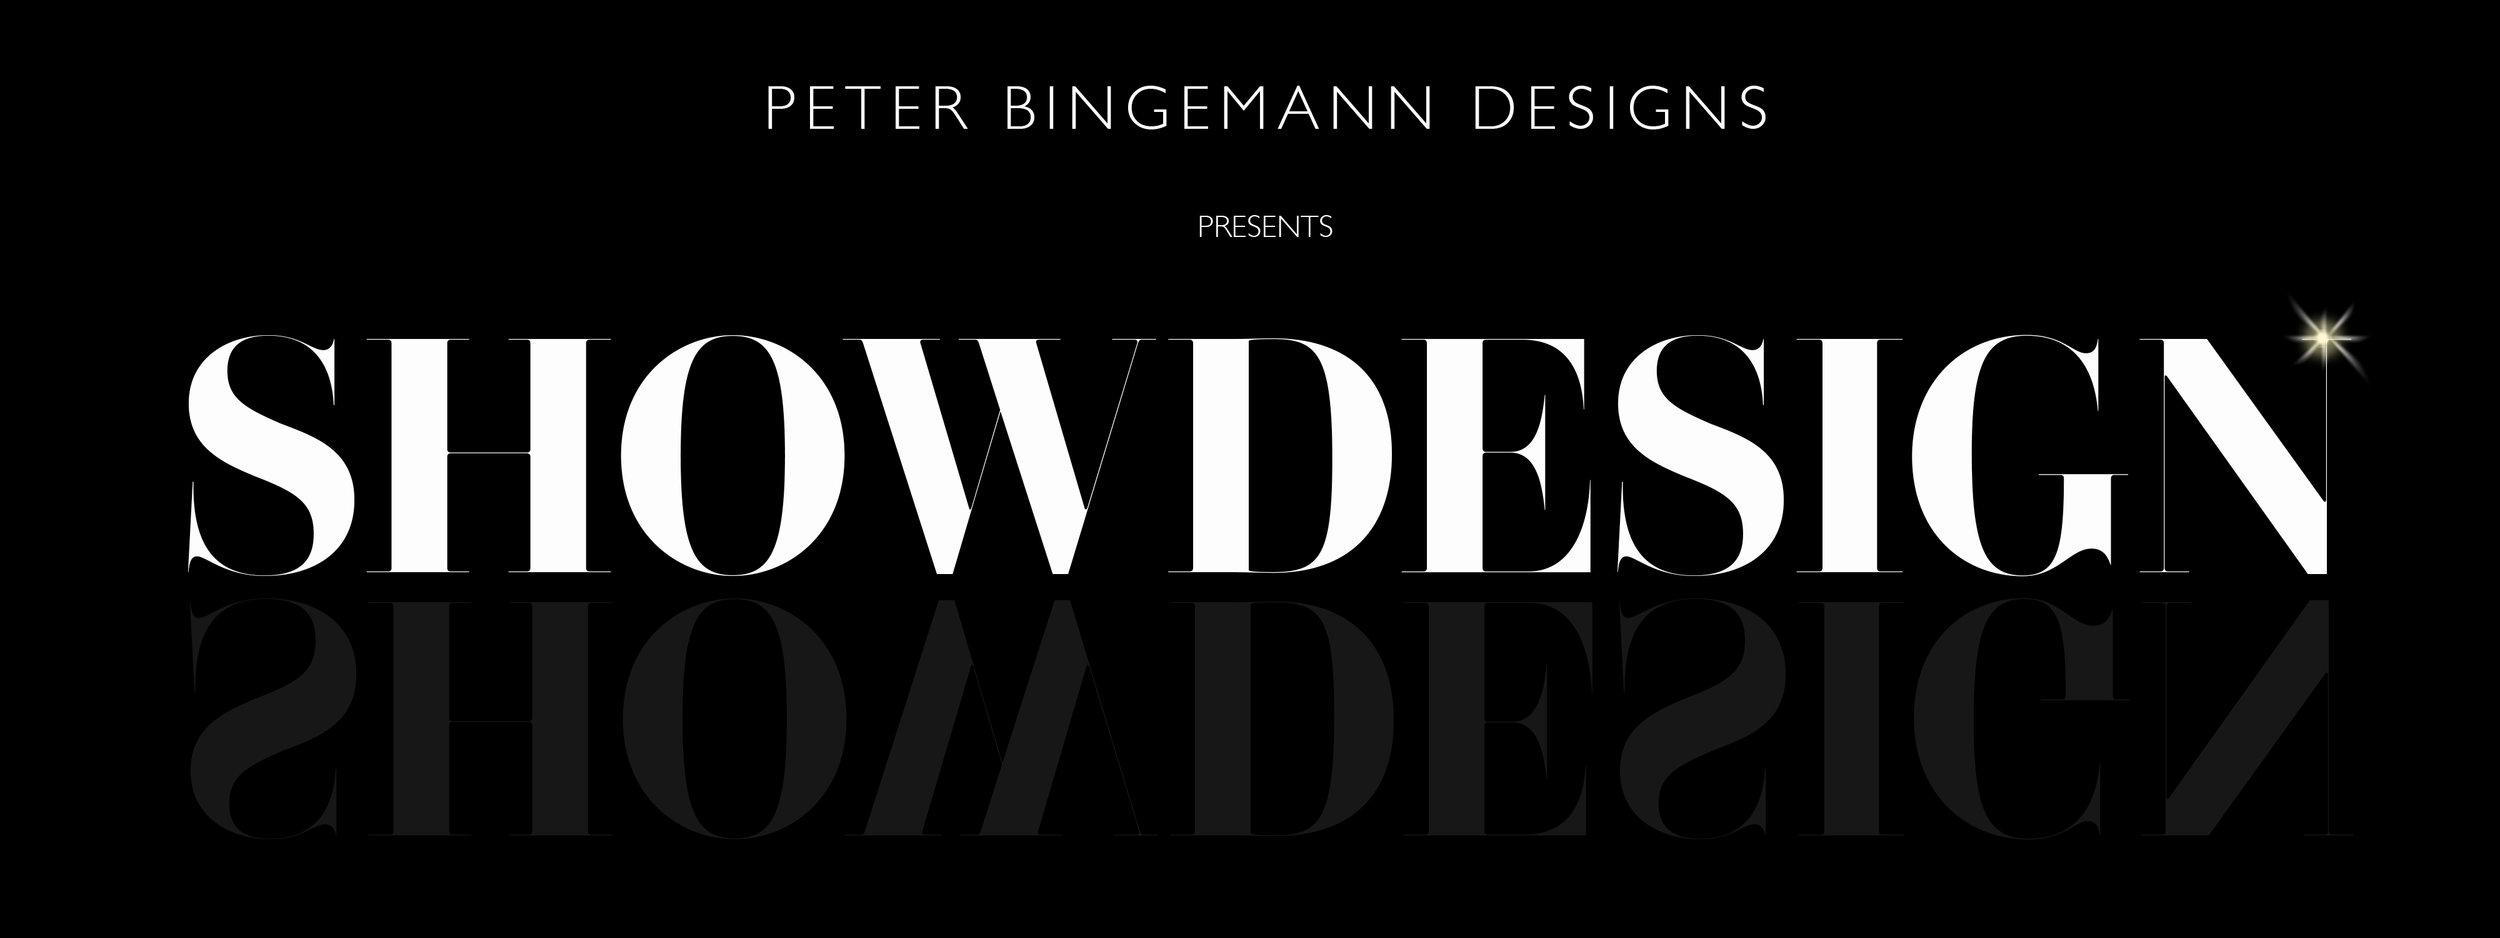 showdesign-welcome2.jpg